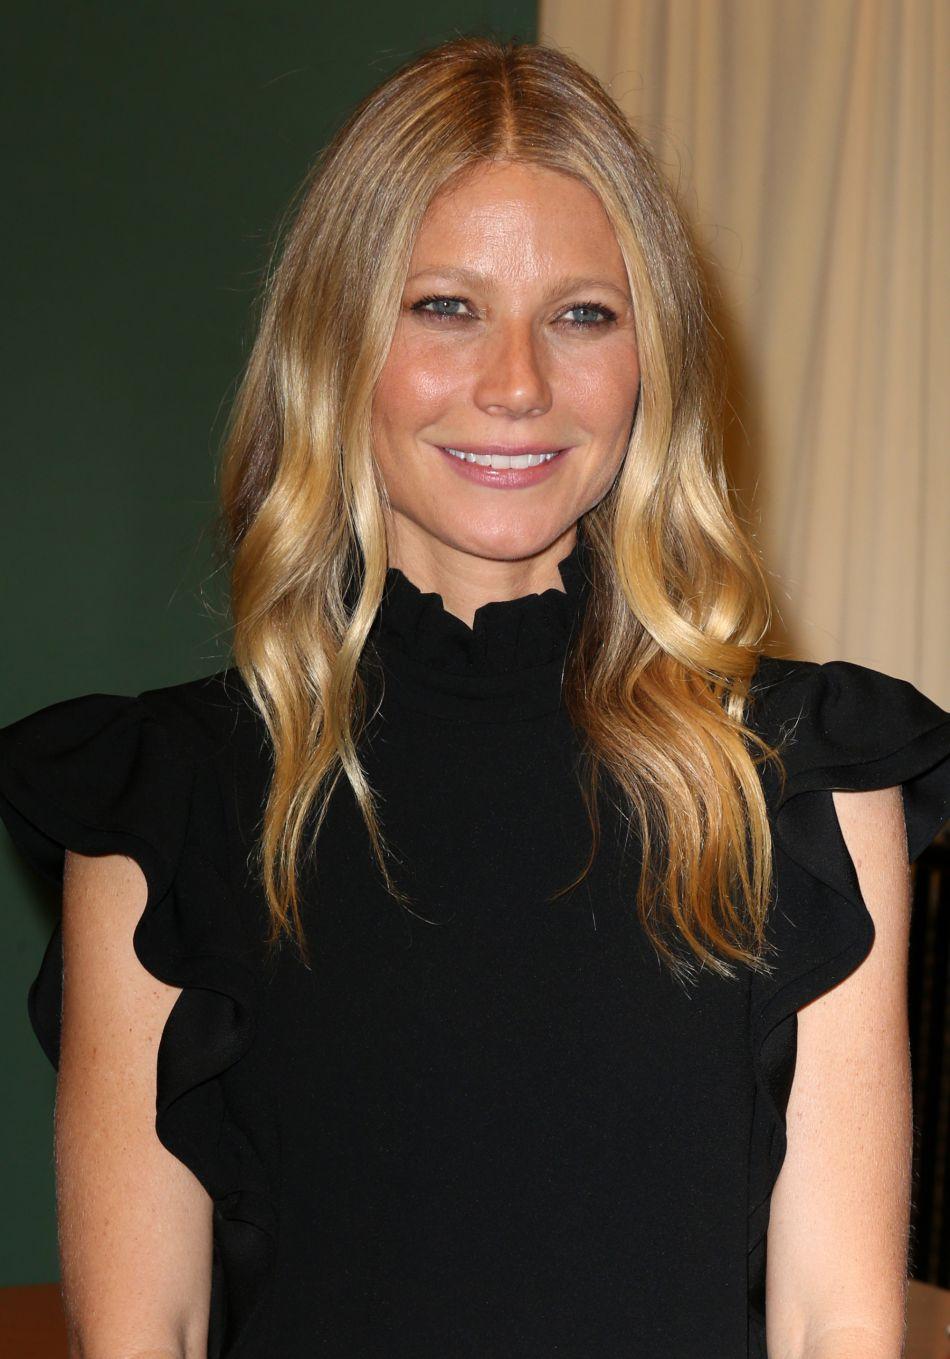 L'actrice Gwyneth Paltrow pose en sous-vêtements pour le magazine Harper's Bazaar.